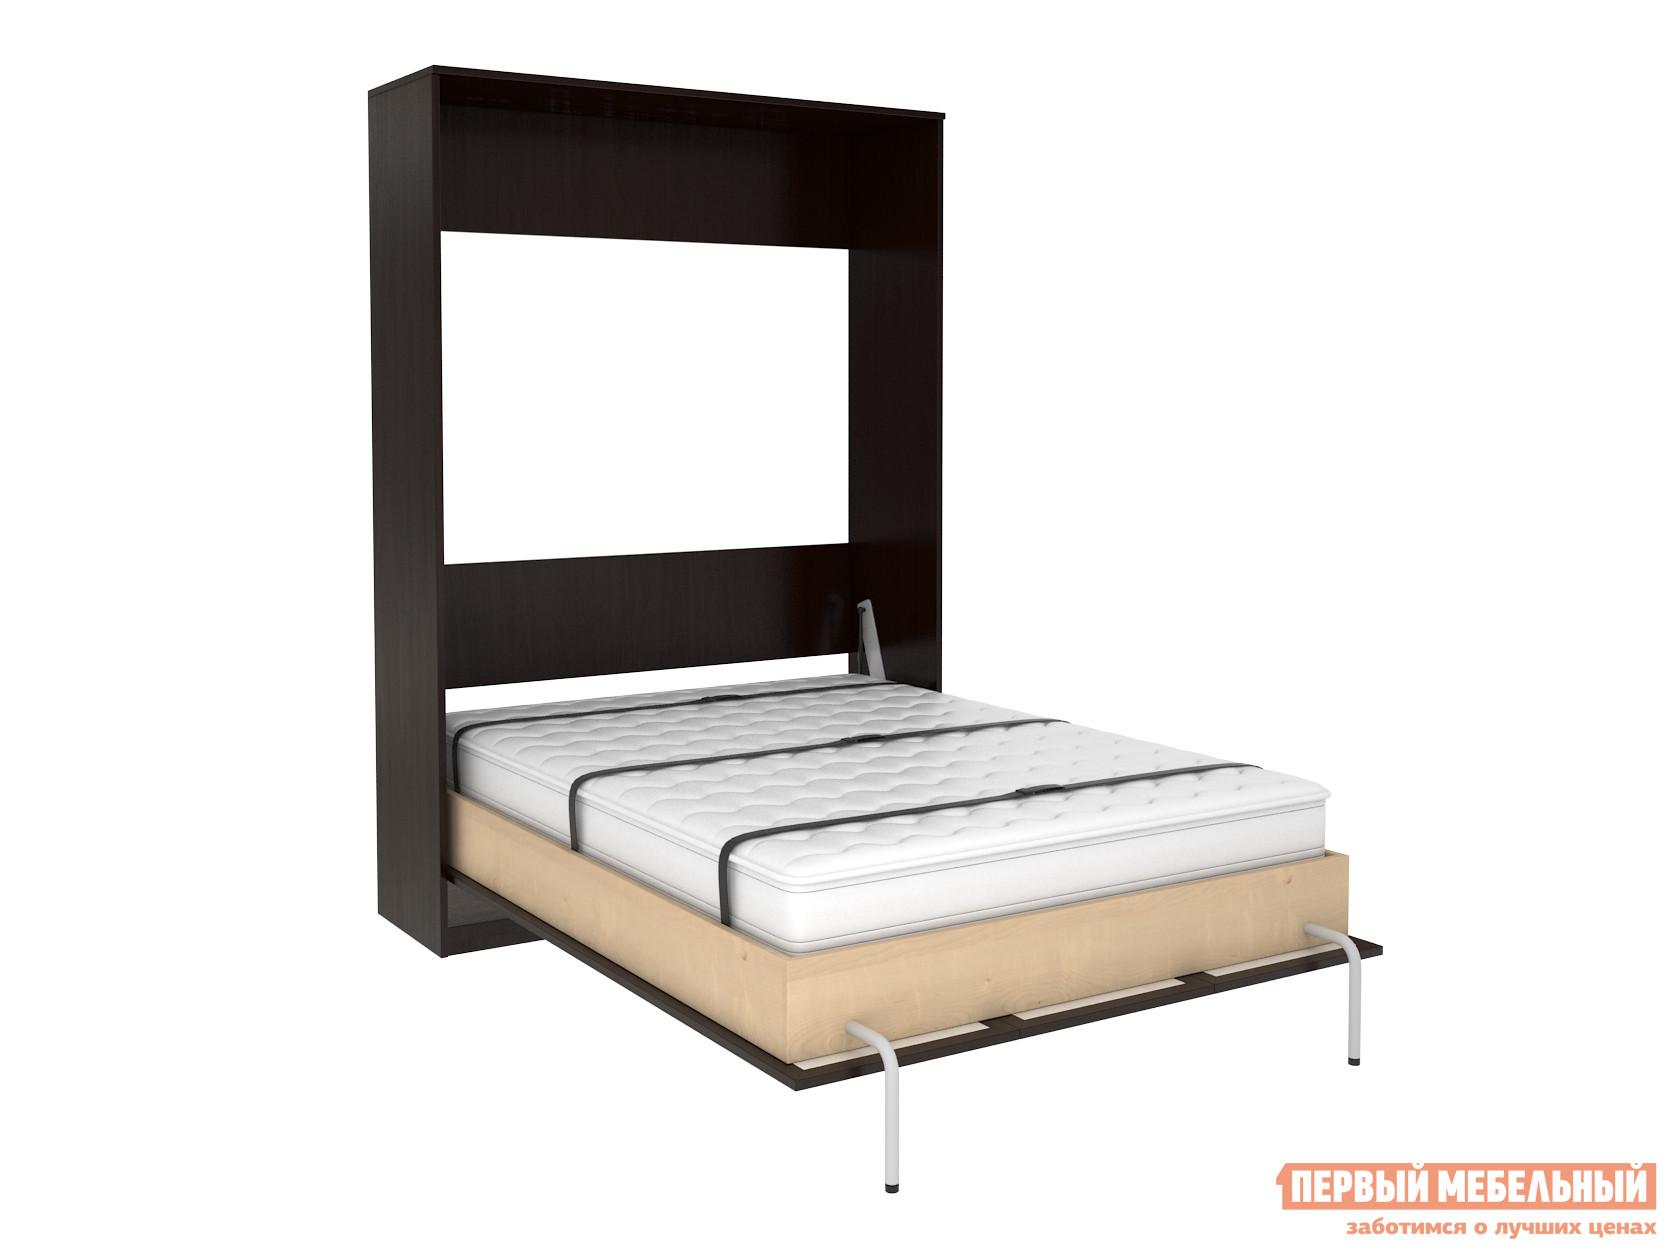 Кровать-трансформер Первый Мебельный Мерлен К01